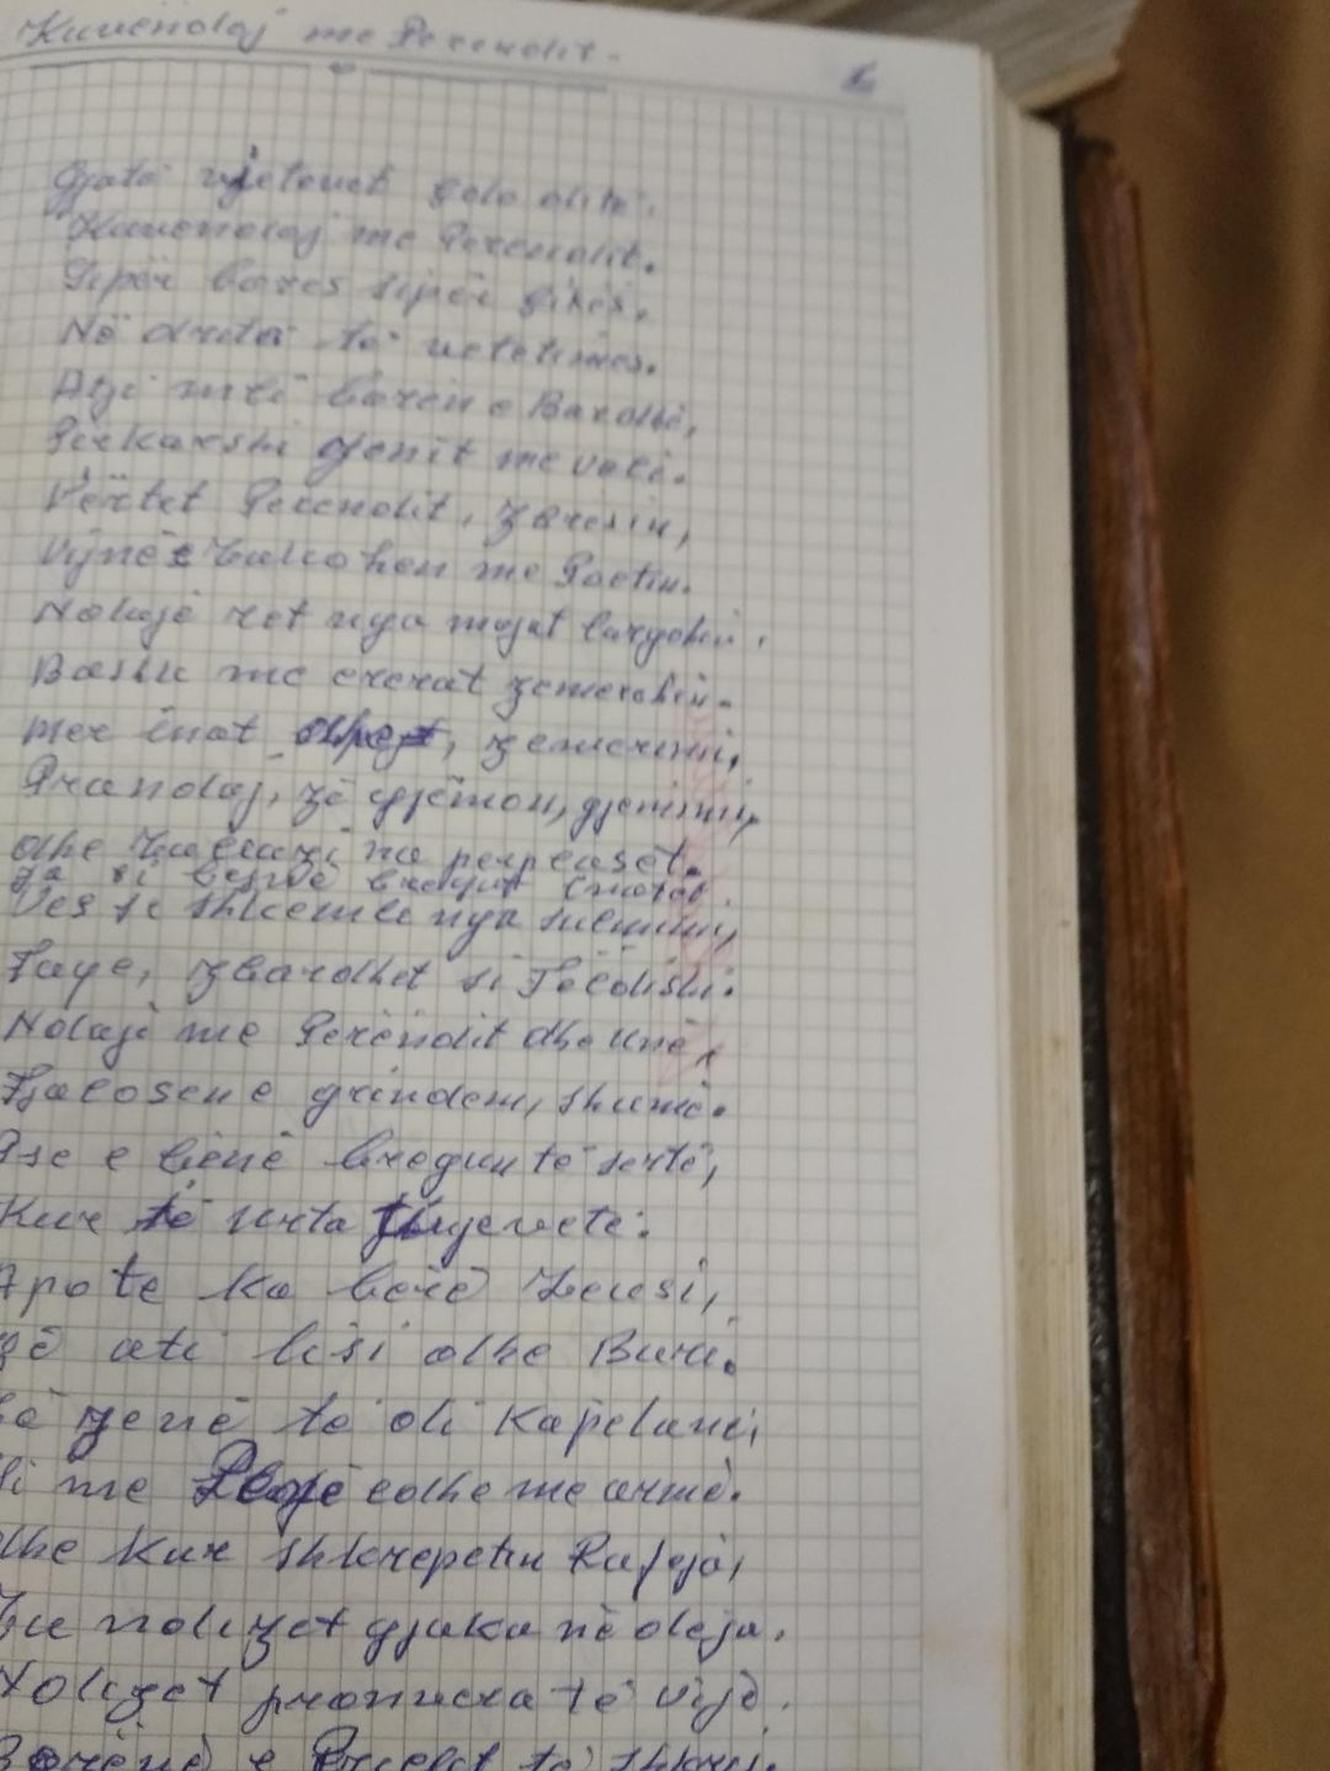 3. Dorëshkrime të L. Çipës